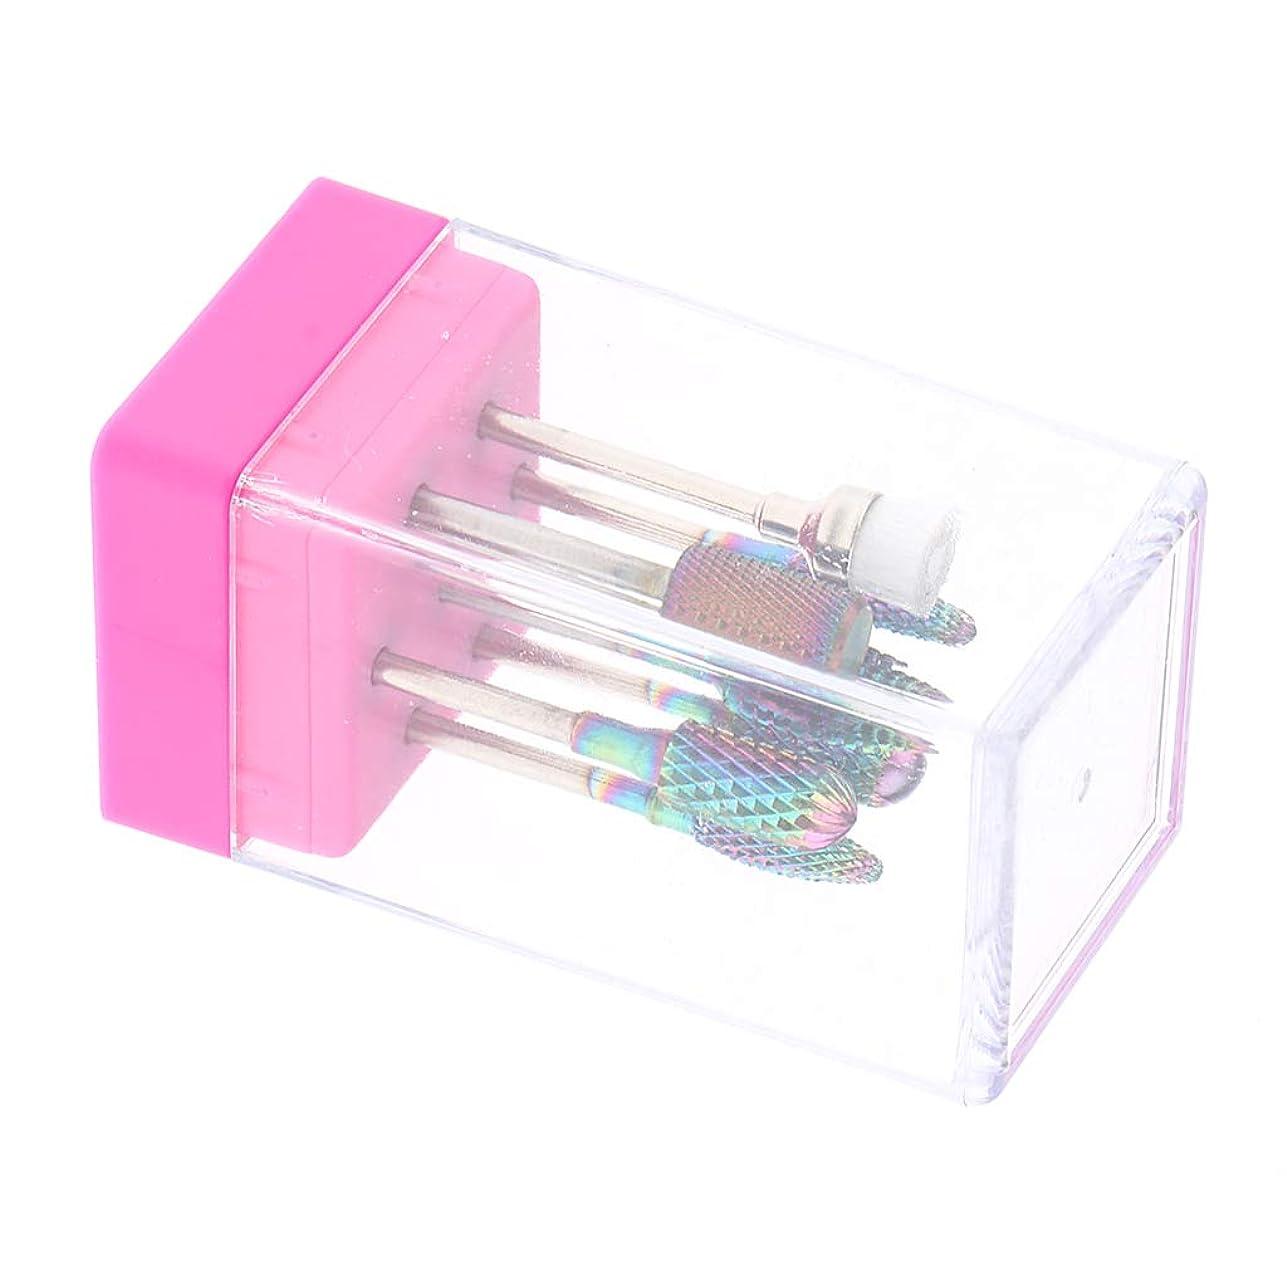 なに母音全部Perfeclan ネイルドリルビット 研磨ヘッド マニキュアツール ペディキュア用 爪やすり 全2色 - ピンク